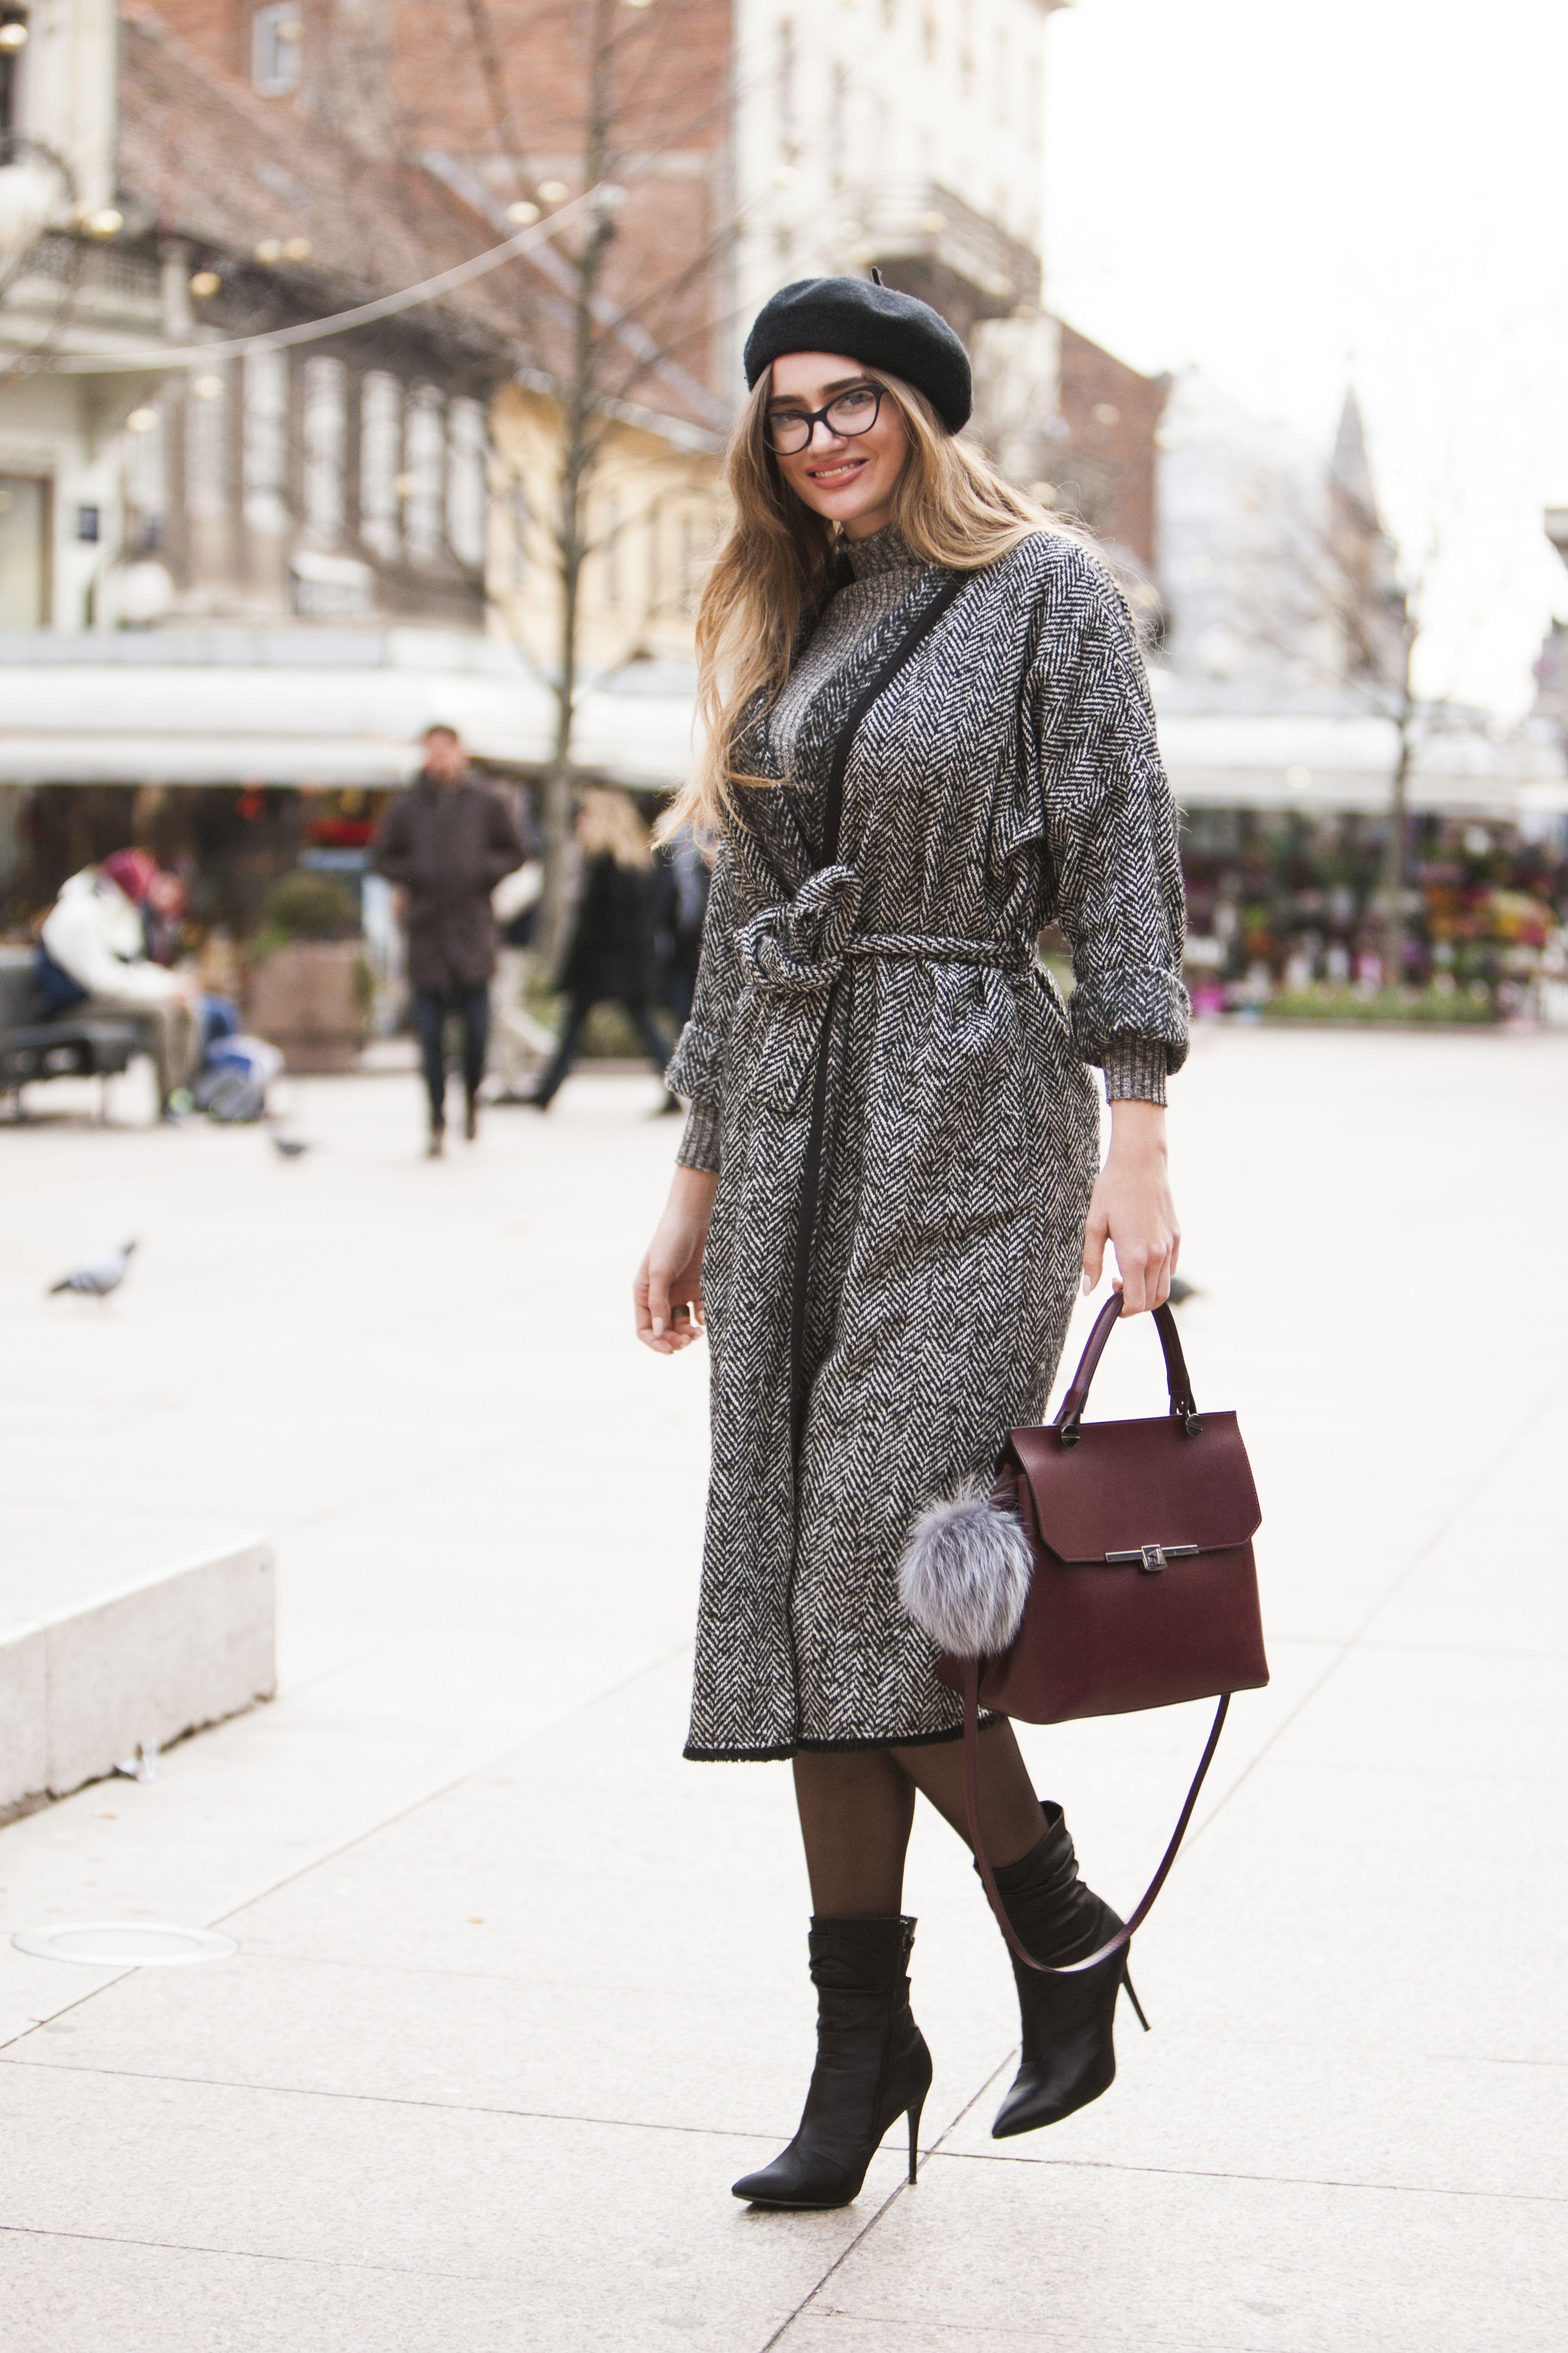 Kakva ljepotica! Evo kako izgleda francuski chic na ulicama Zagreba